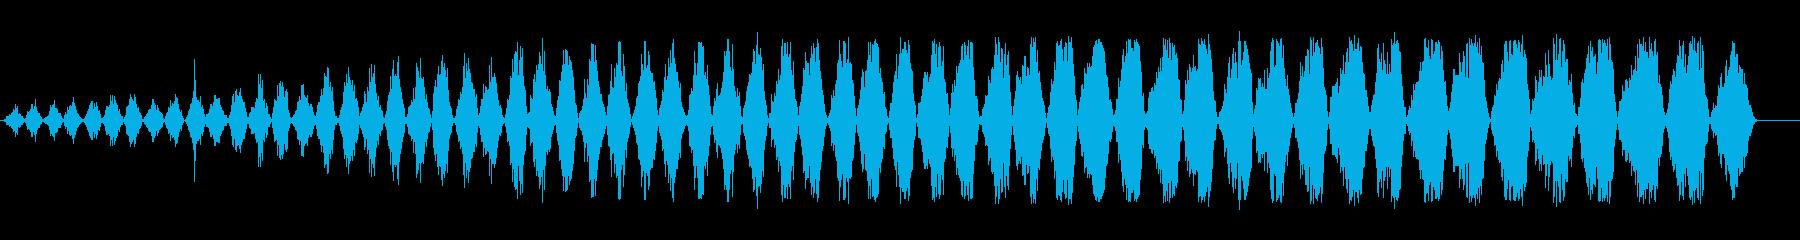 バララララ(細かく刻む効果音)の再生済みの波形